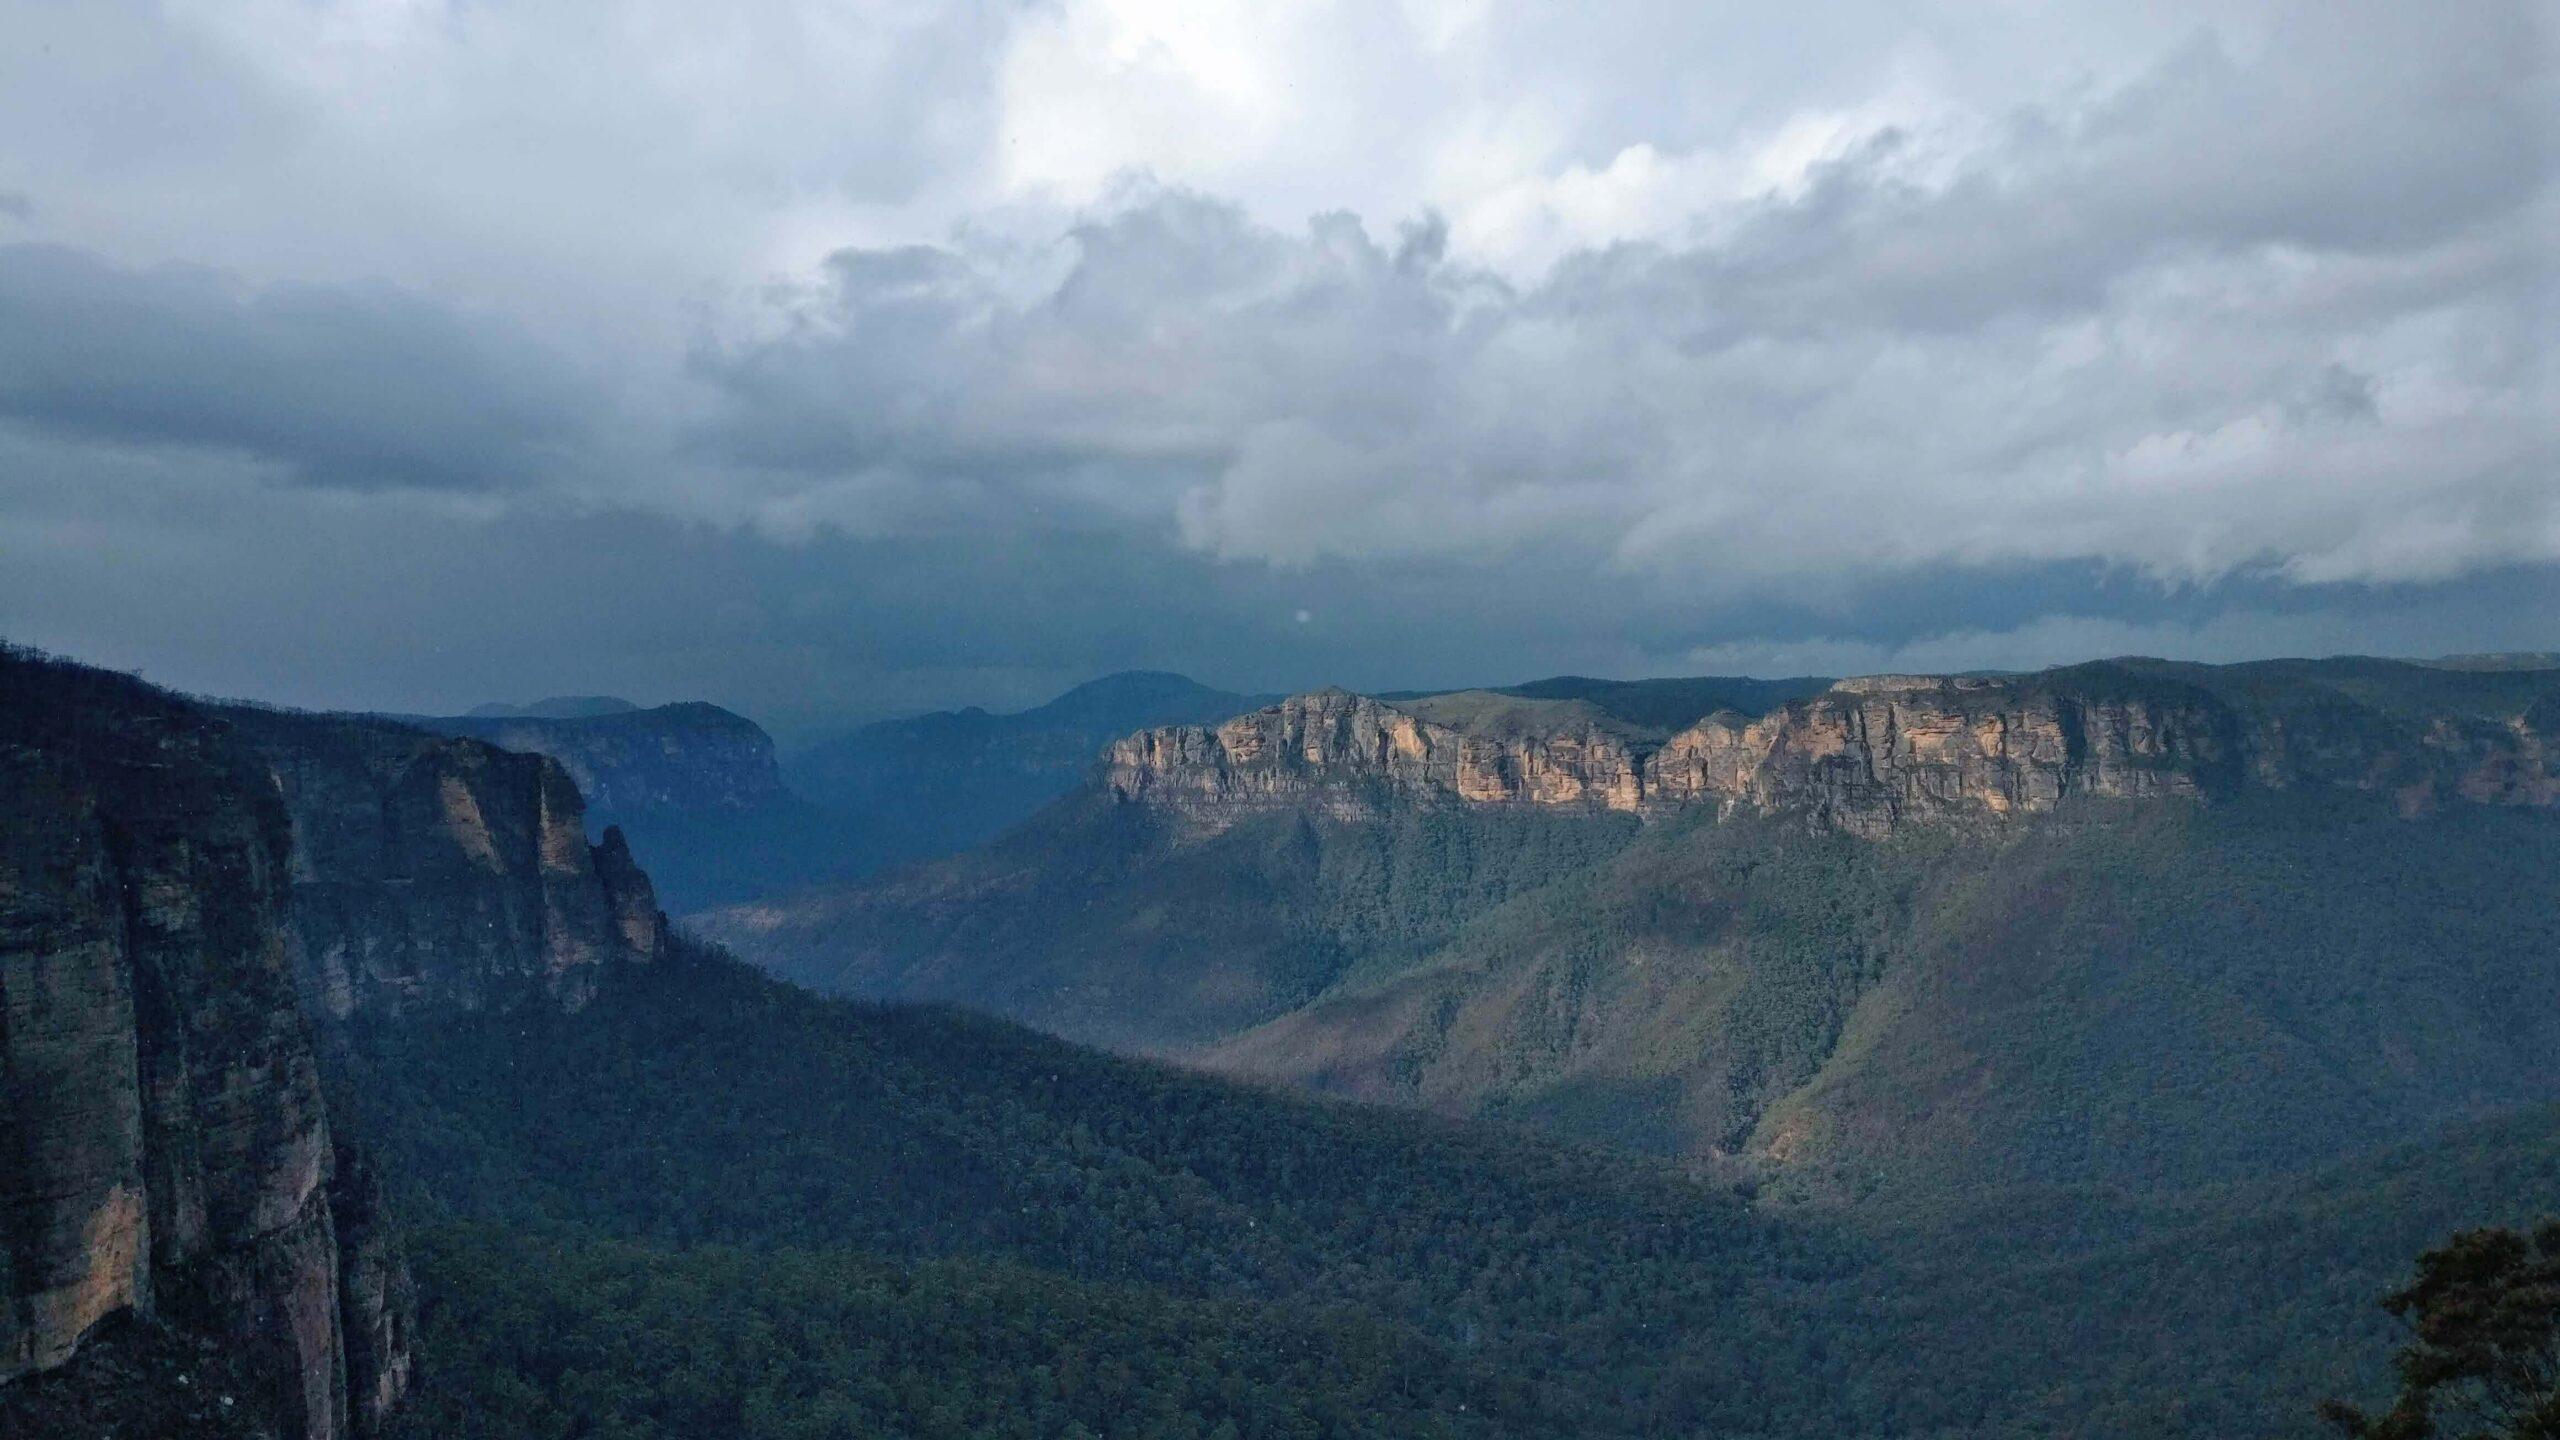 悉尼周边游之The Grand Canyon loop徒步